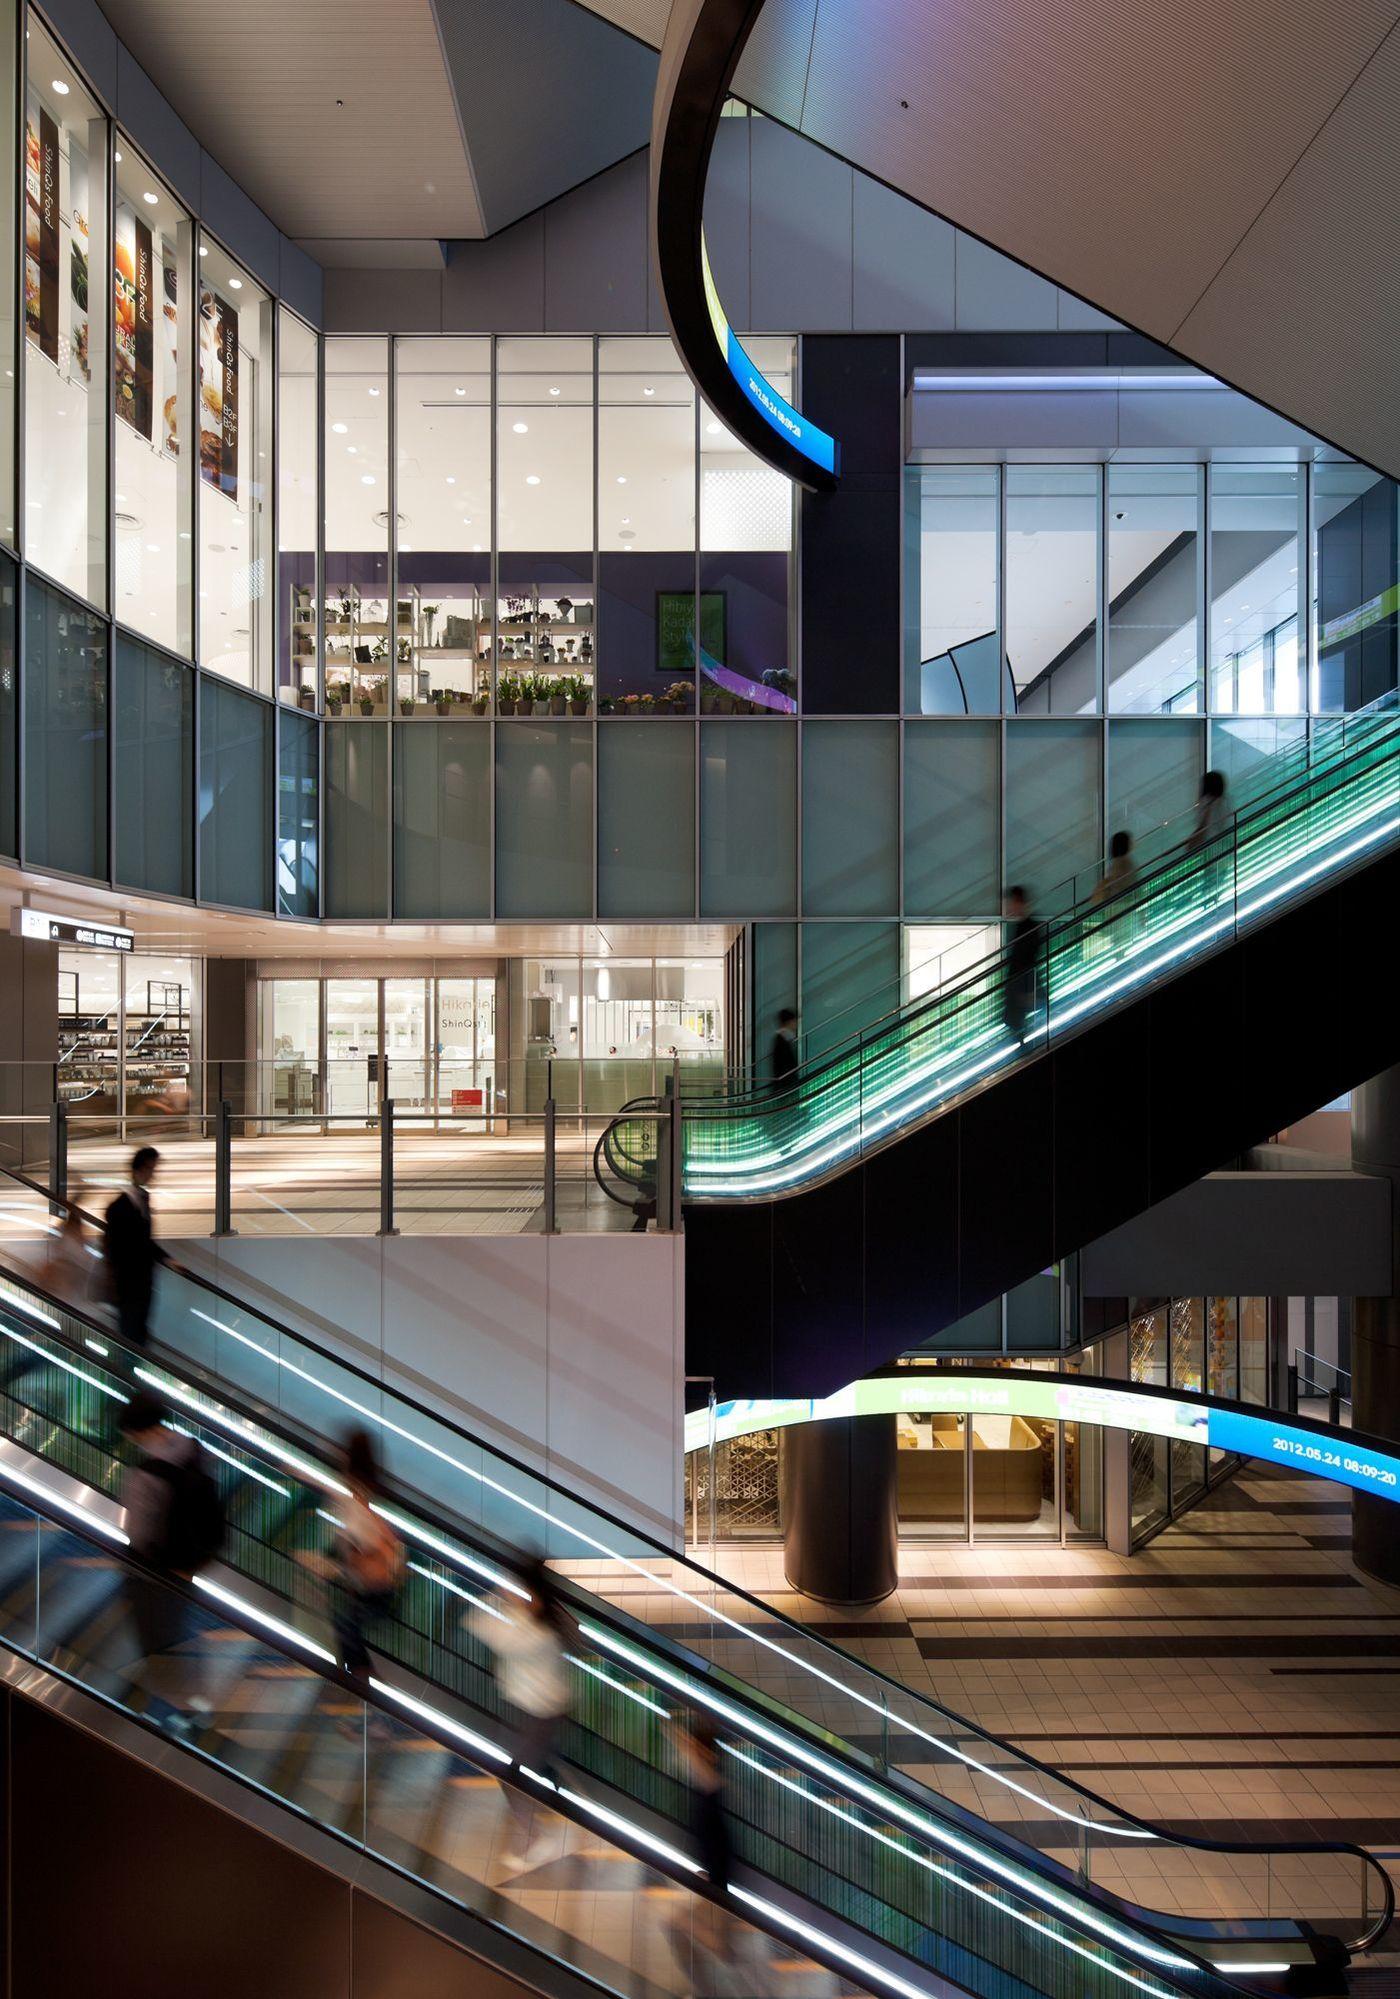 今、渋谷の再開発がアツい!歴史に残る変化を見逃すな!の画像